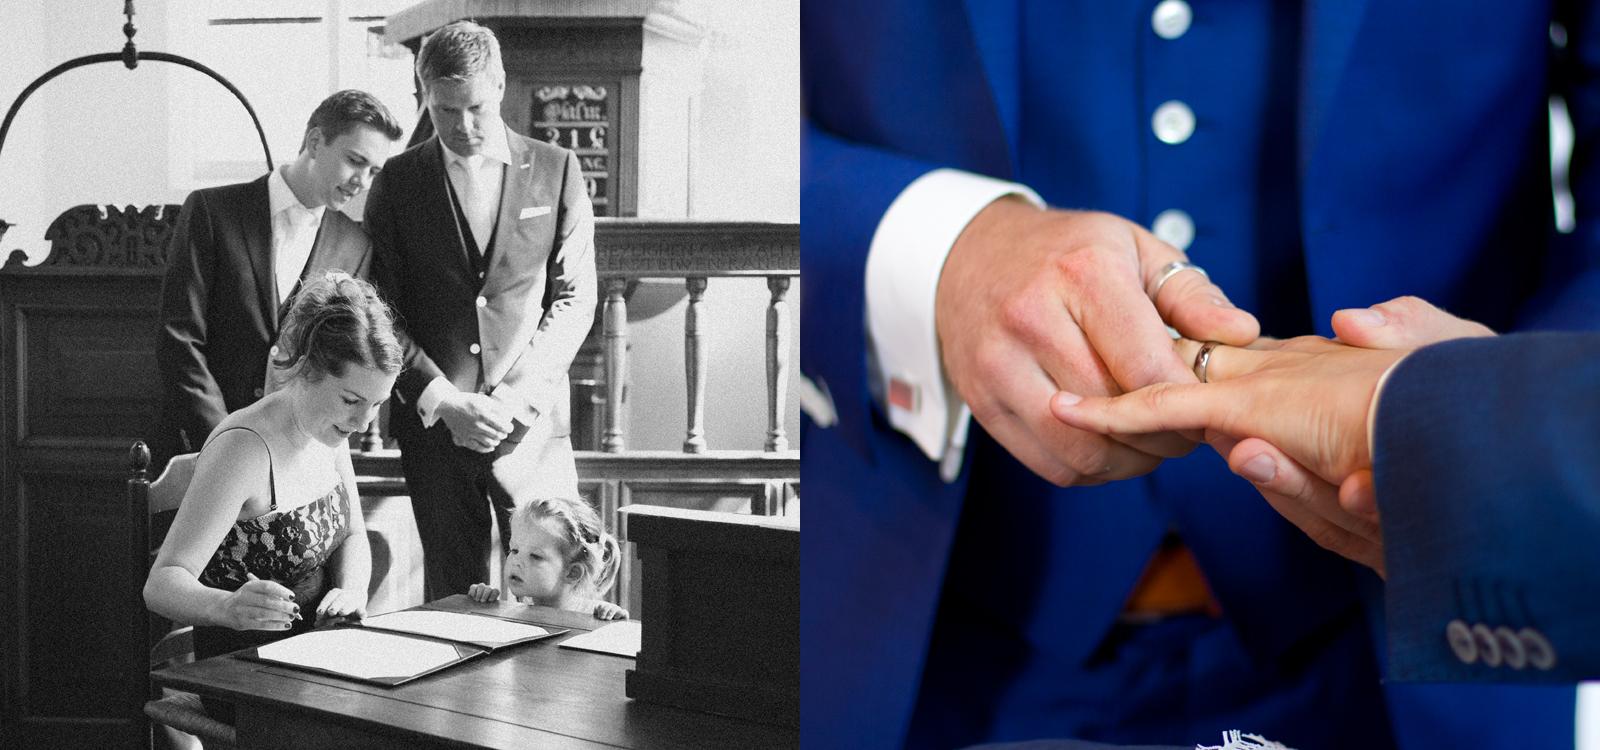 Huwelijk tussen twee mannen. De bruidegom en bruidegom doen de ringen bij elkaar om.